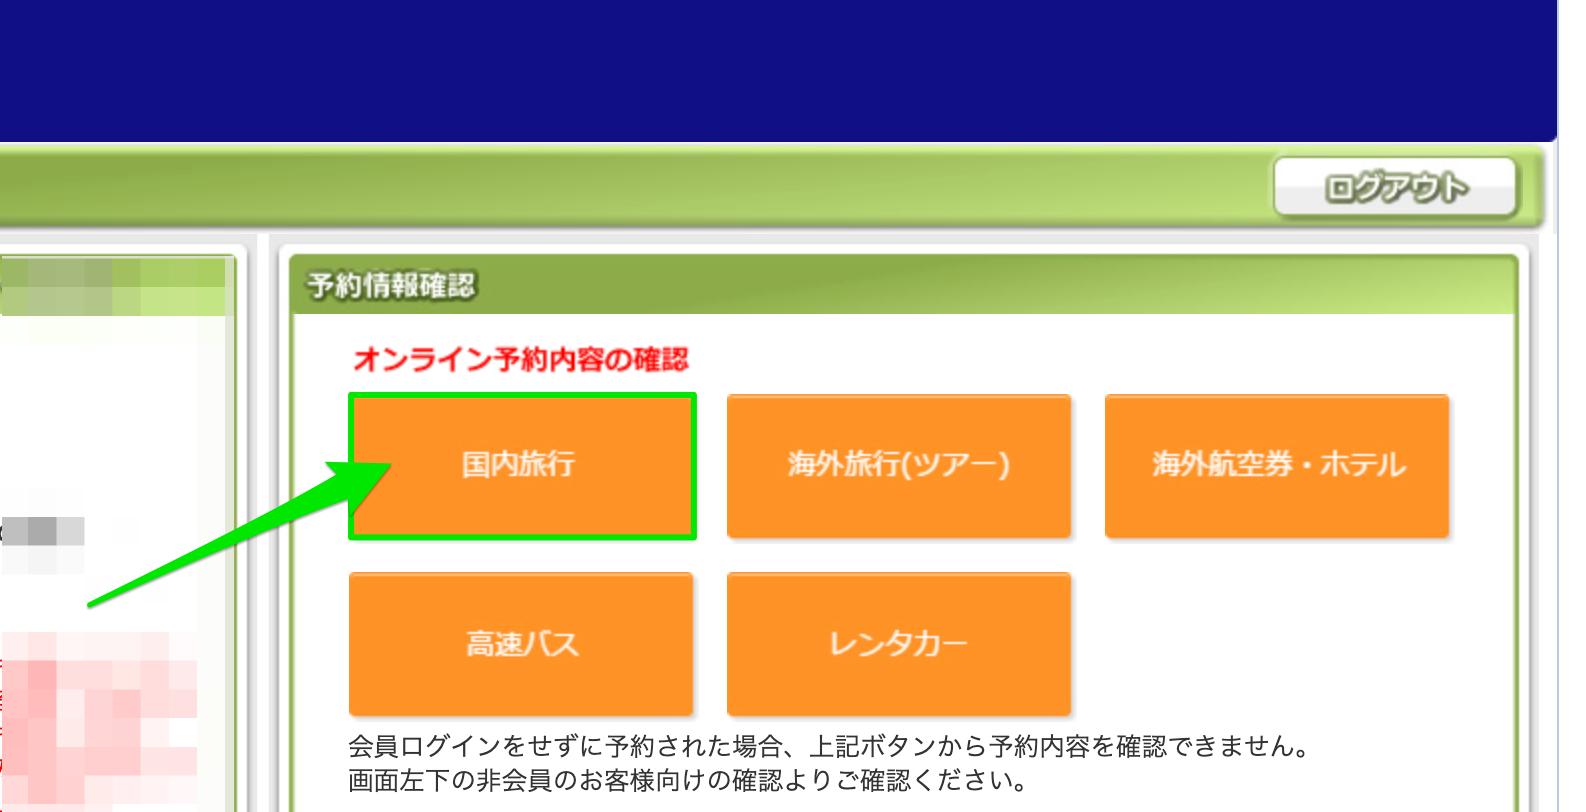 日本旅行のマイページ内